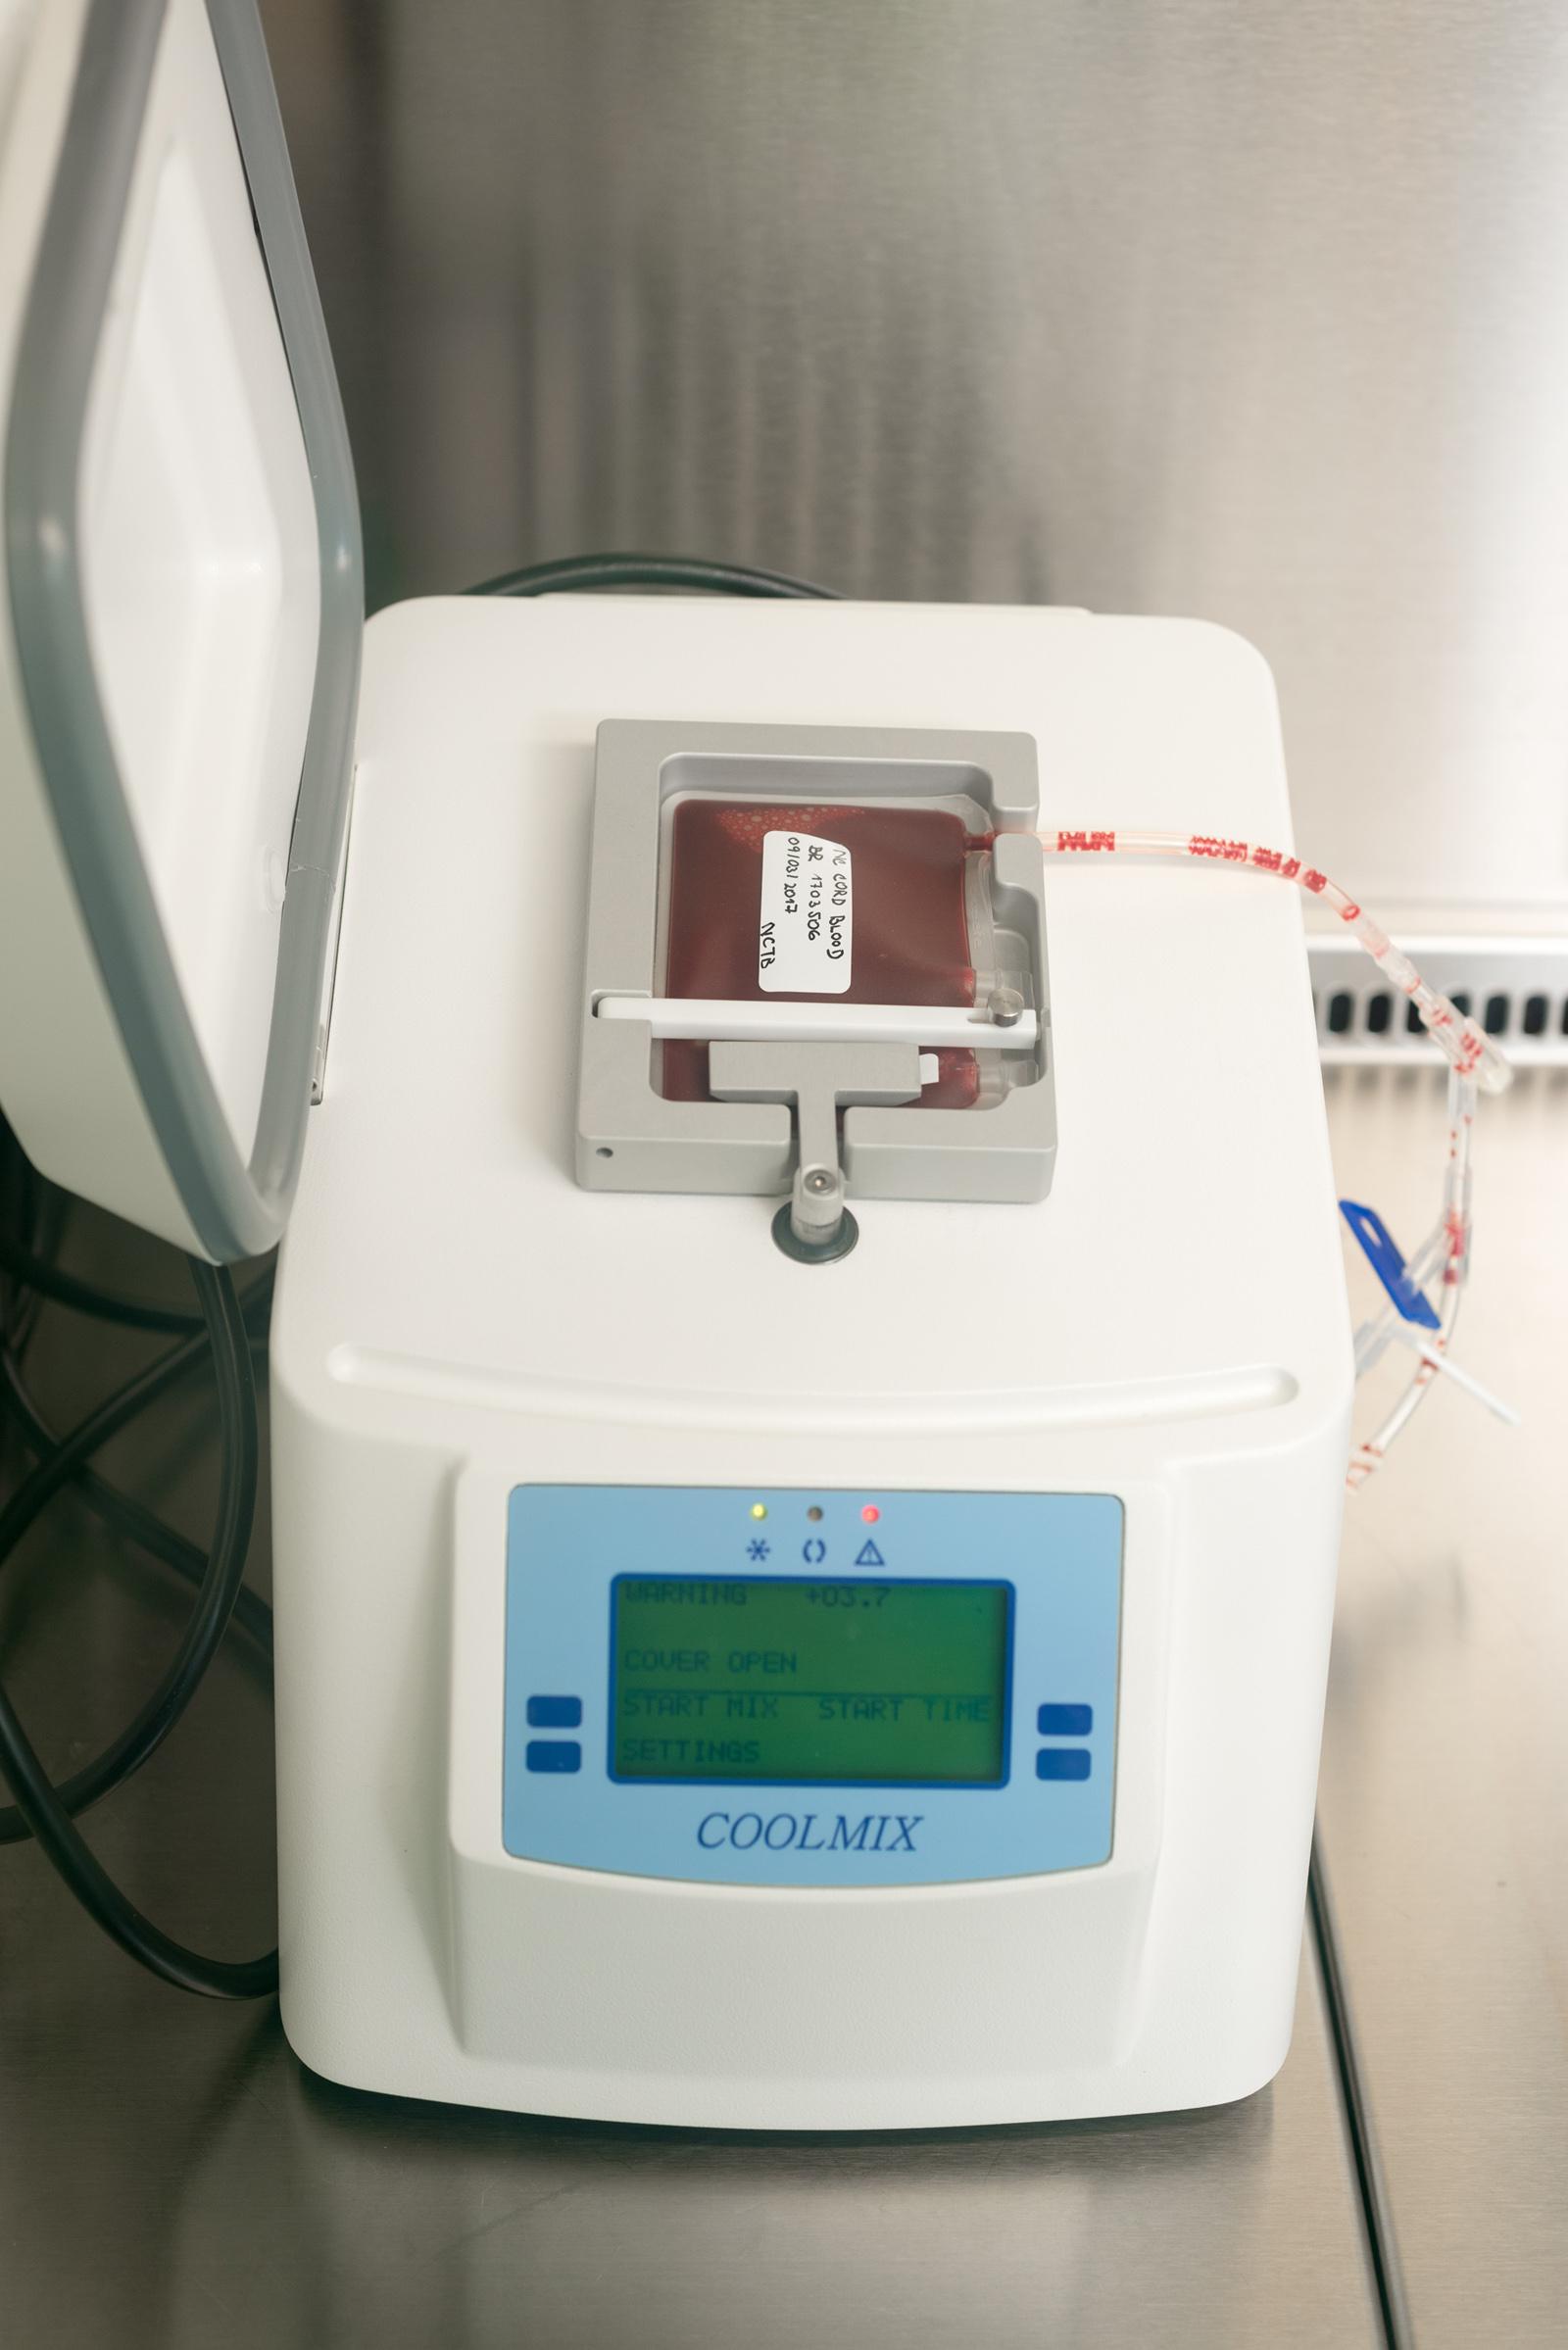 chladící zařízení Coolmix - davkovani kryoprotektivni latky tesne pred zamrazenim